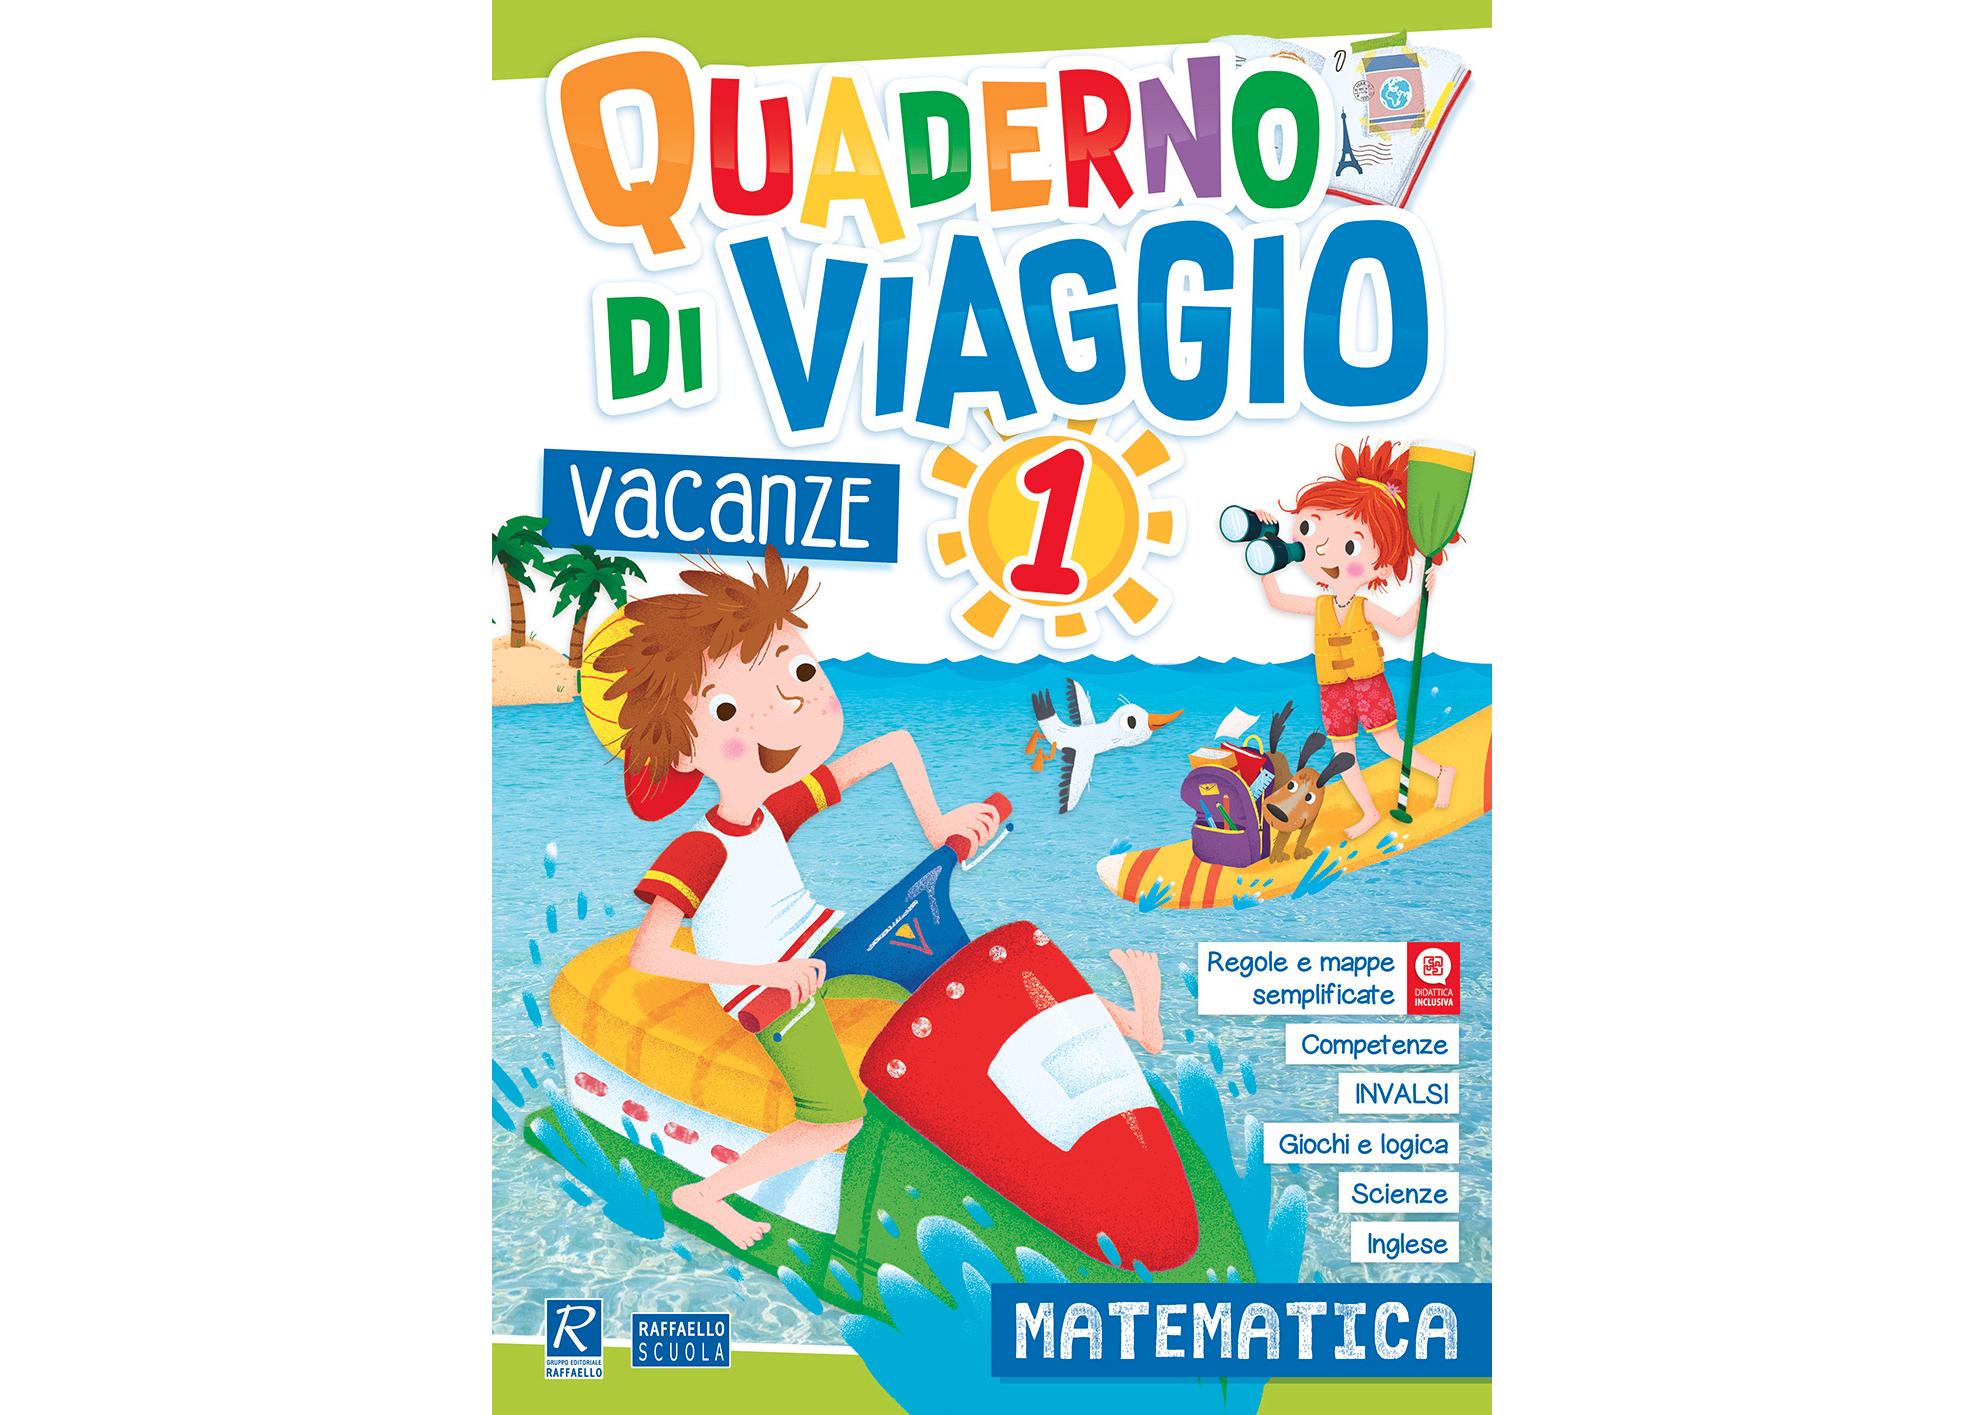 quaderno_di_viaggio_1_matematica